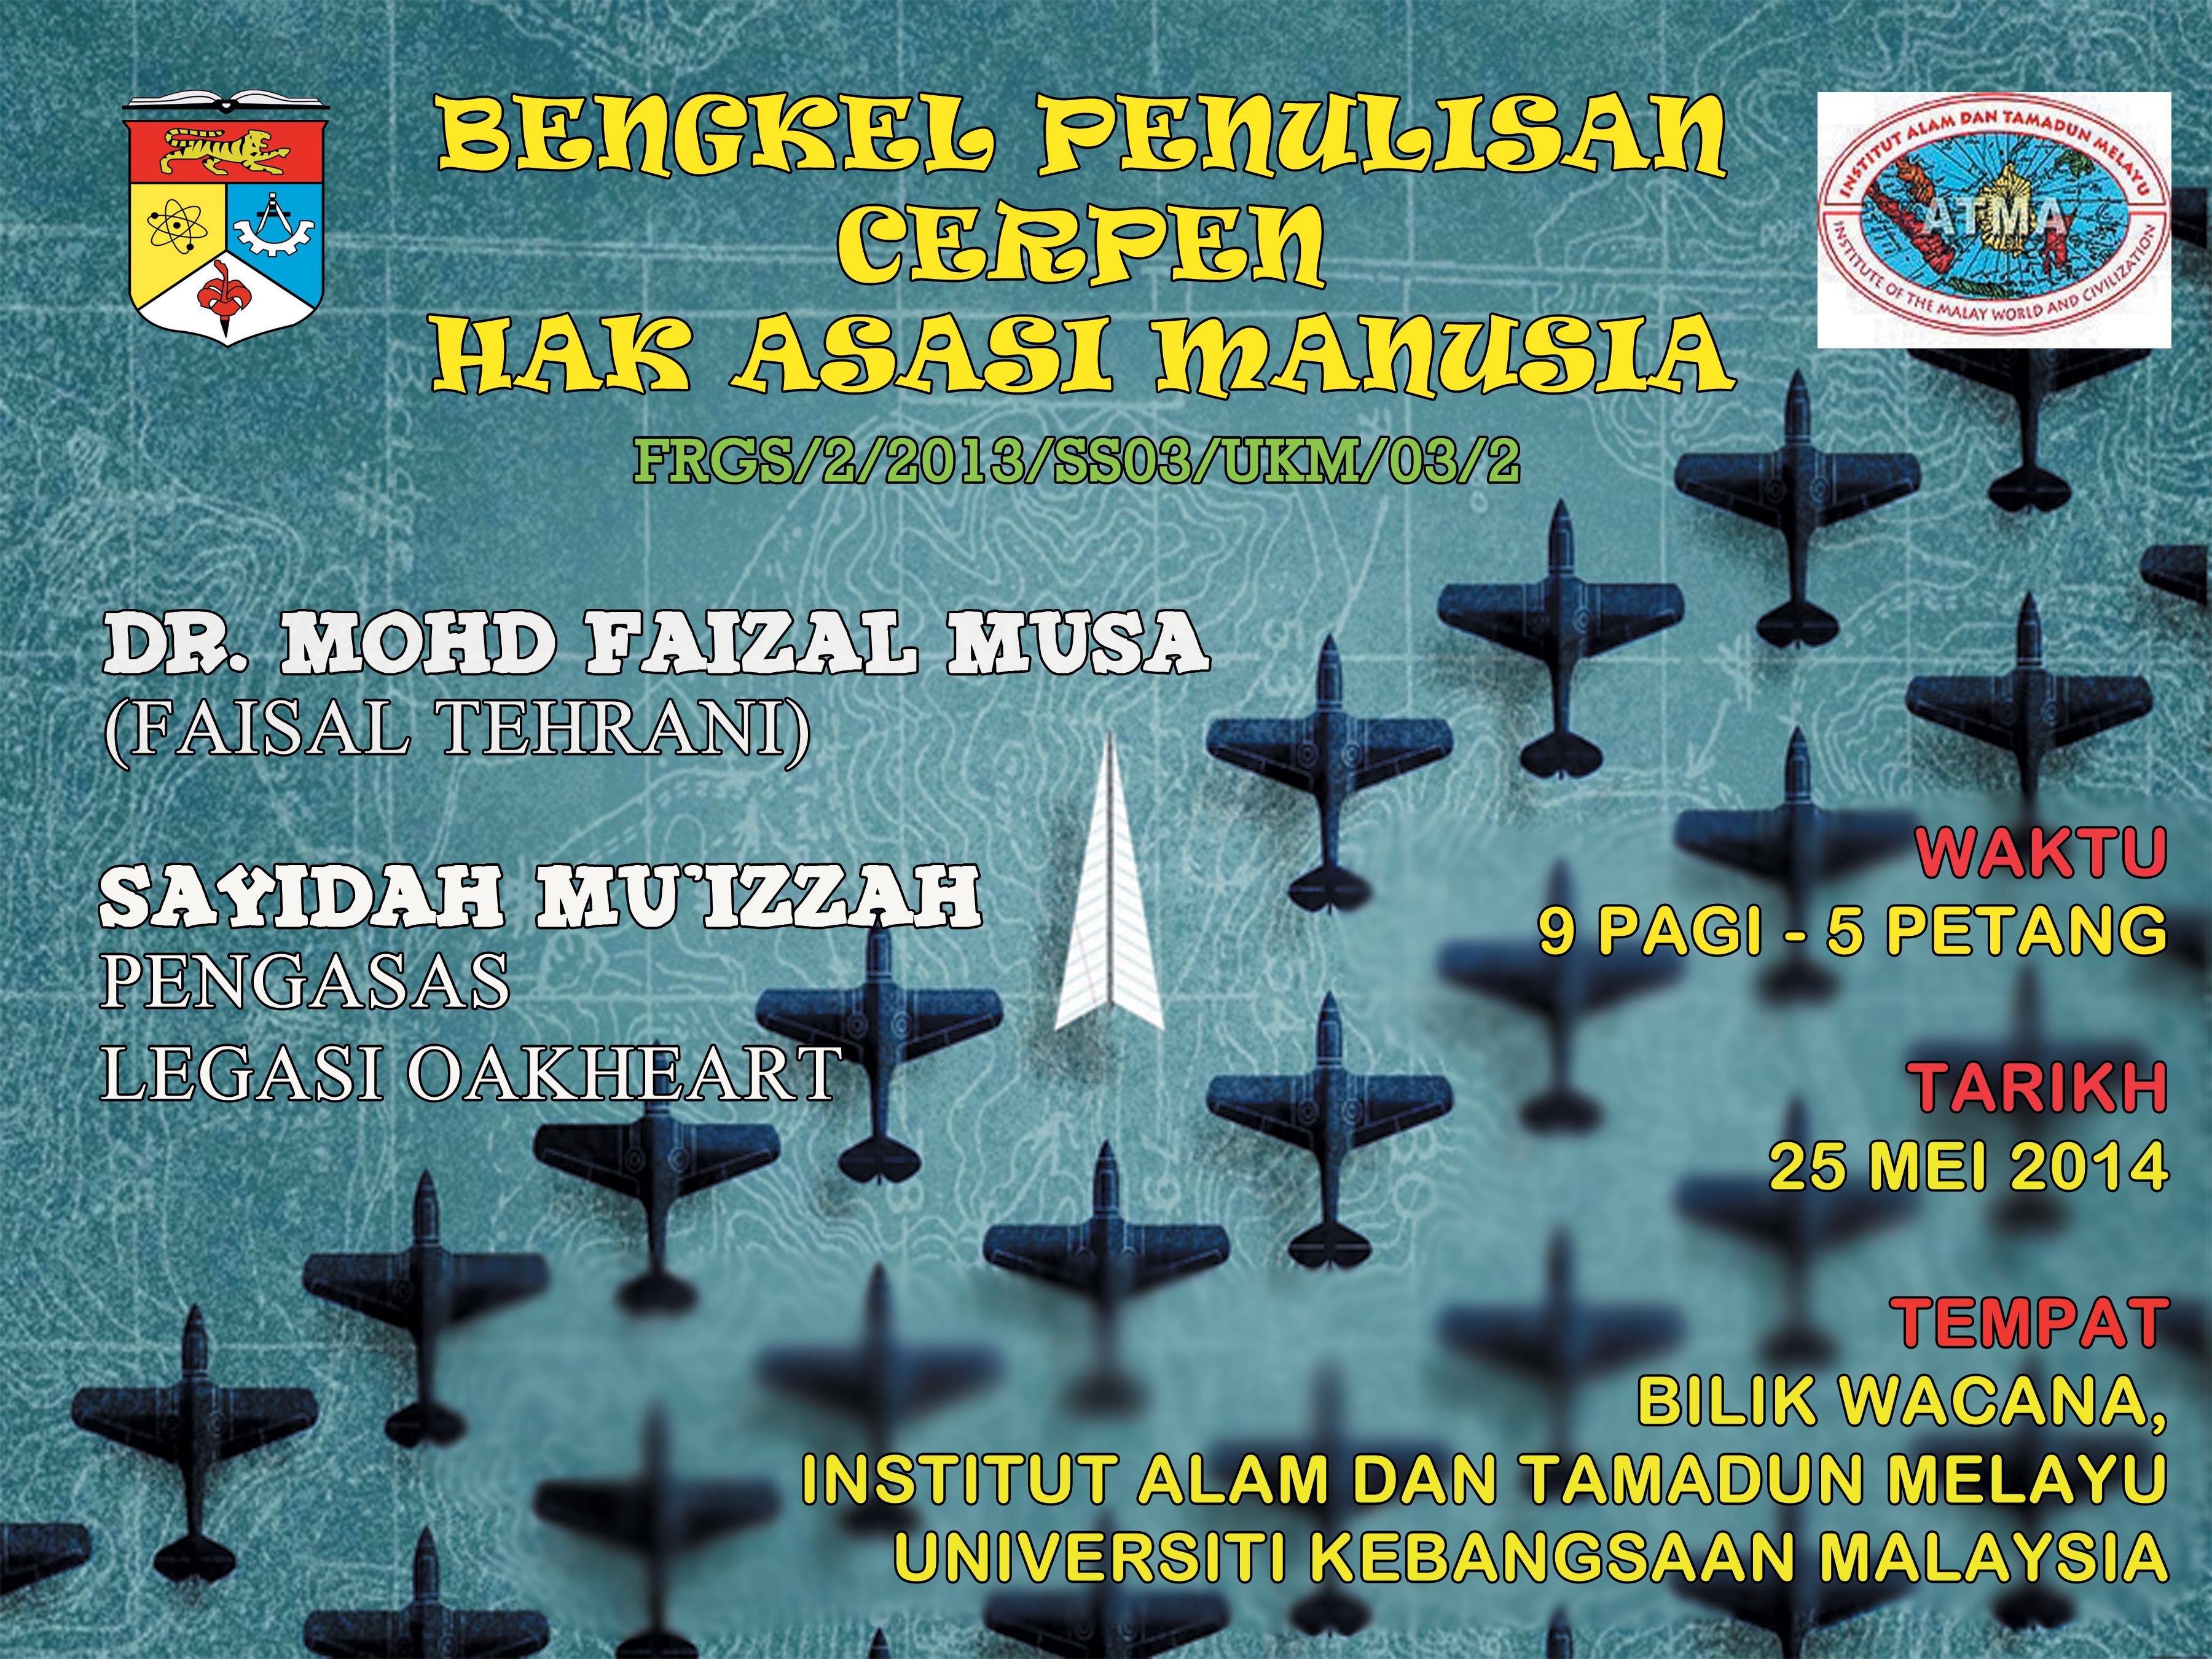 Poster-Bengkel-Hak-Asasi-Manusia2